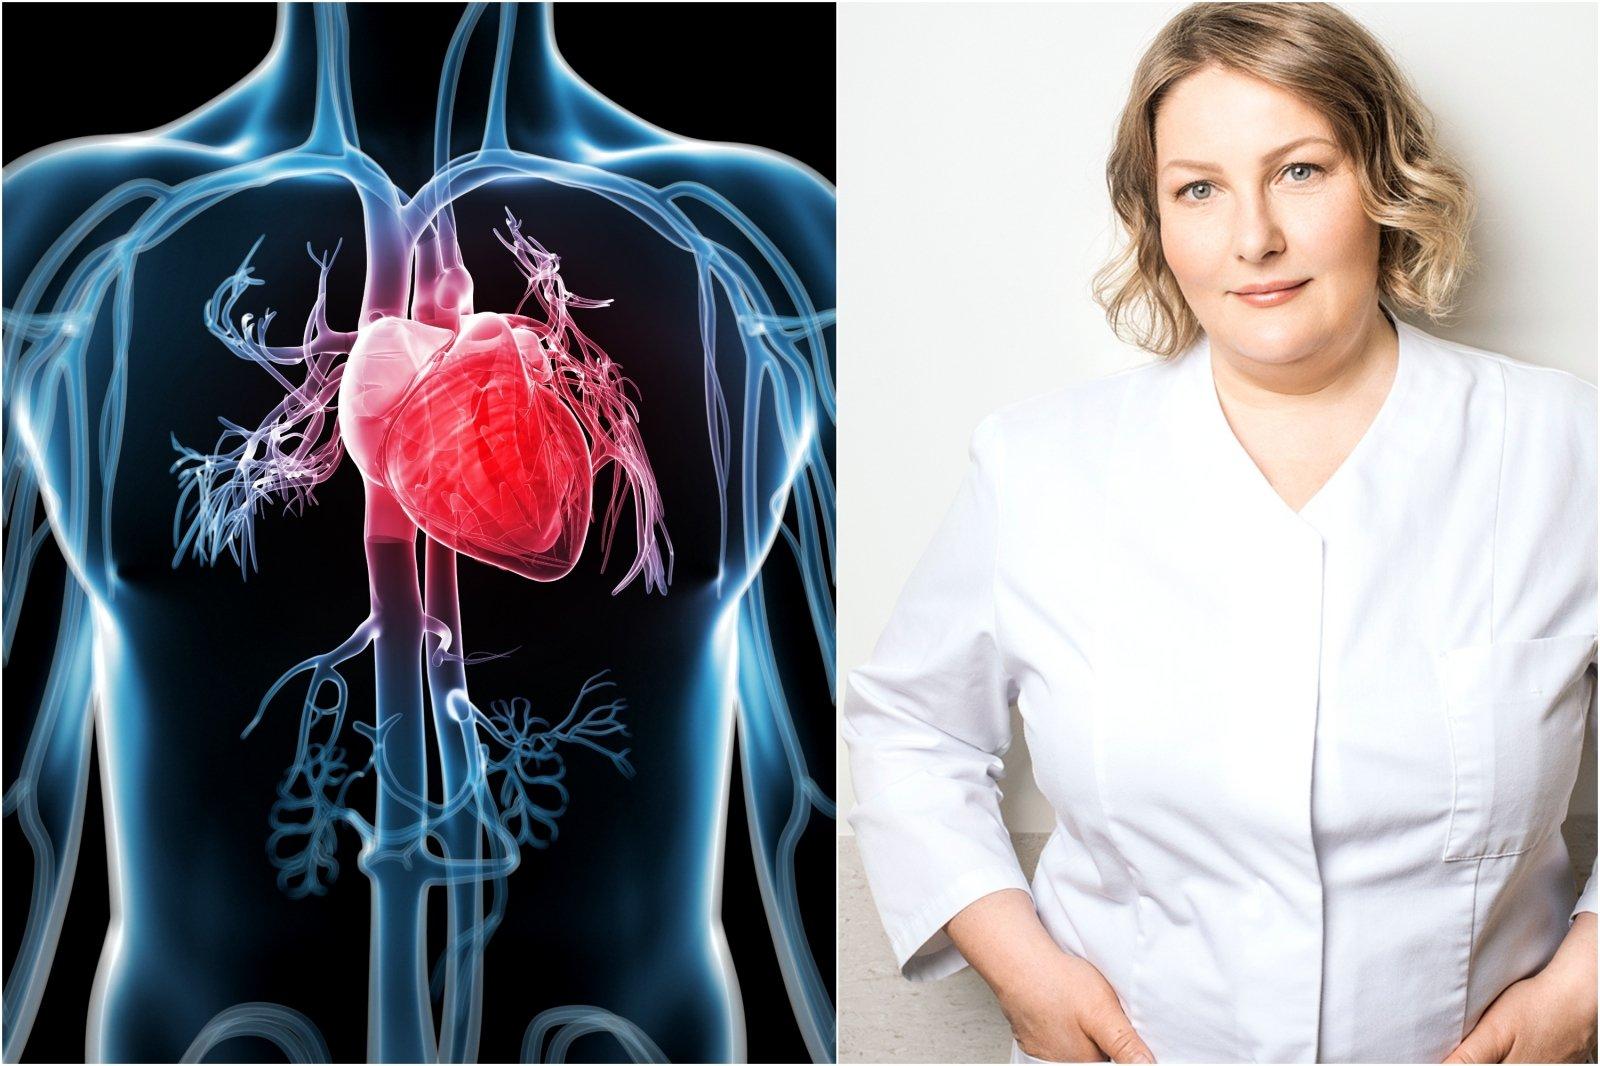 efektyviausi vaistai nuo hipertenzijos forumo apžvalgos tradicinės medicinos hipertenzijos gydymas